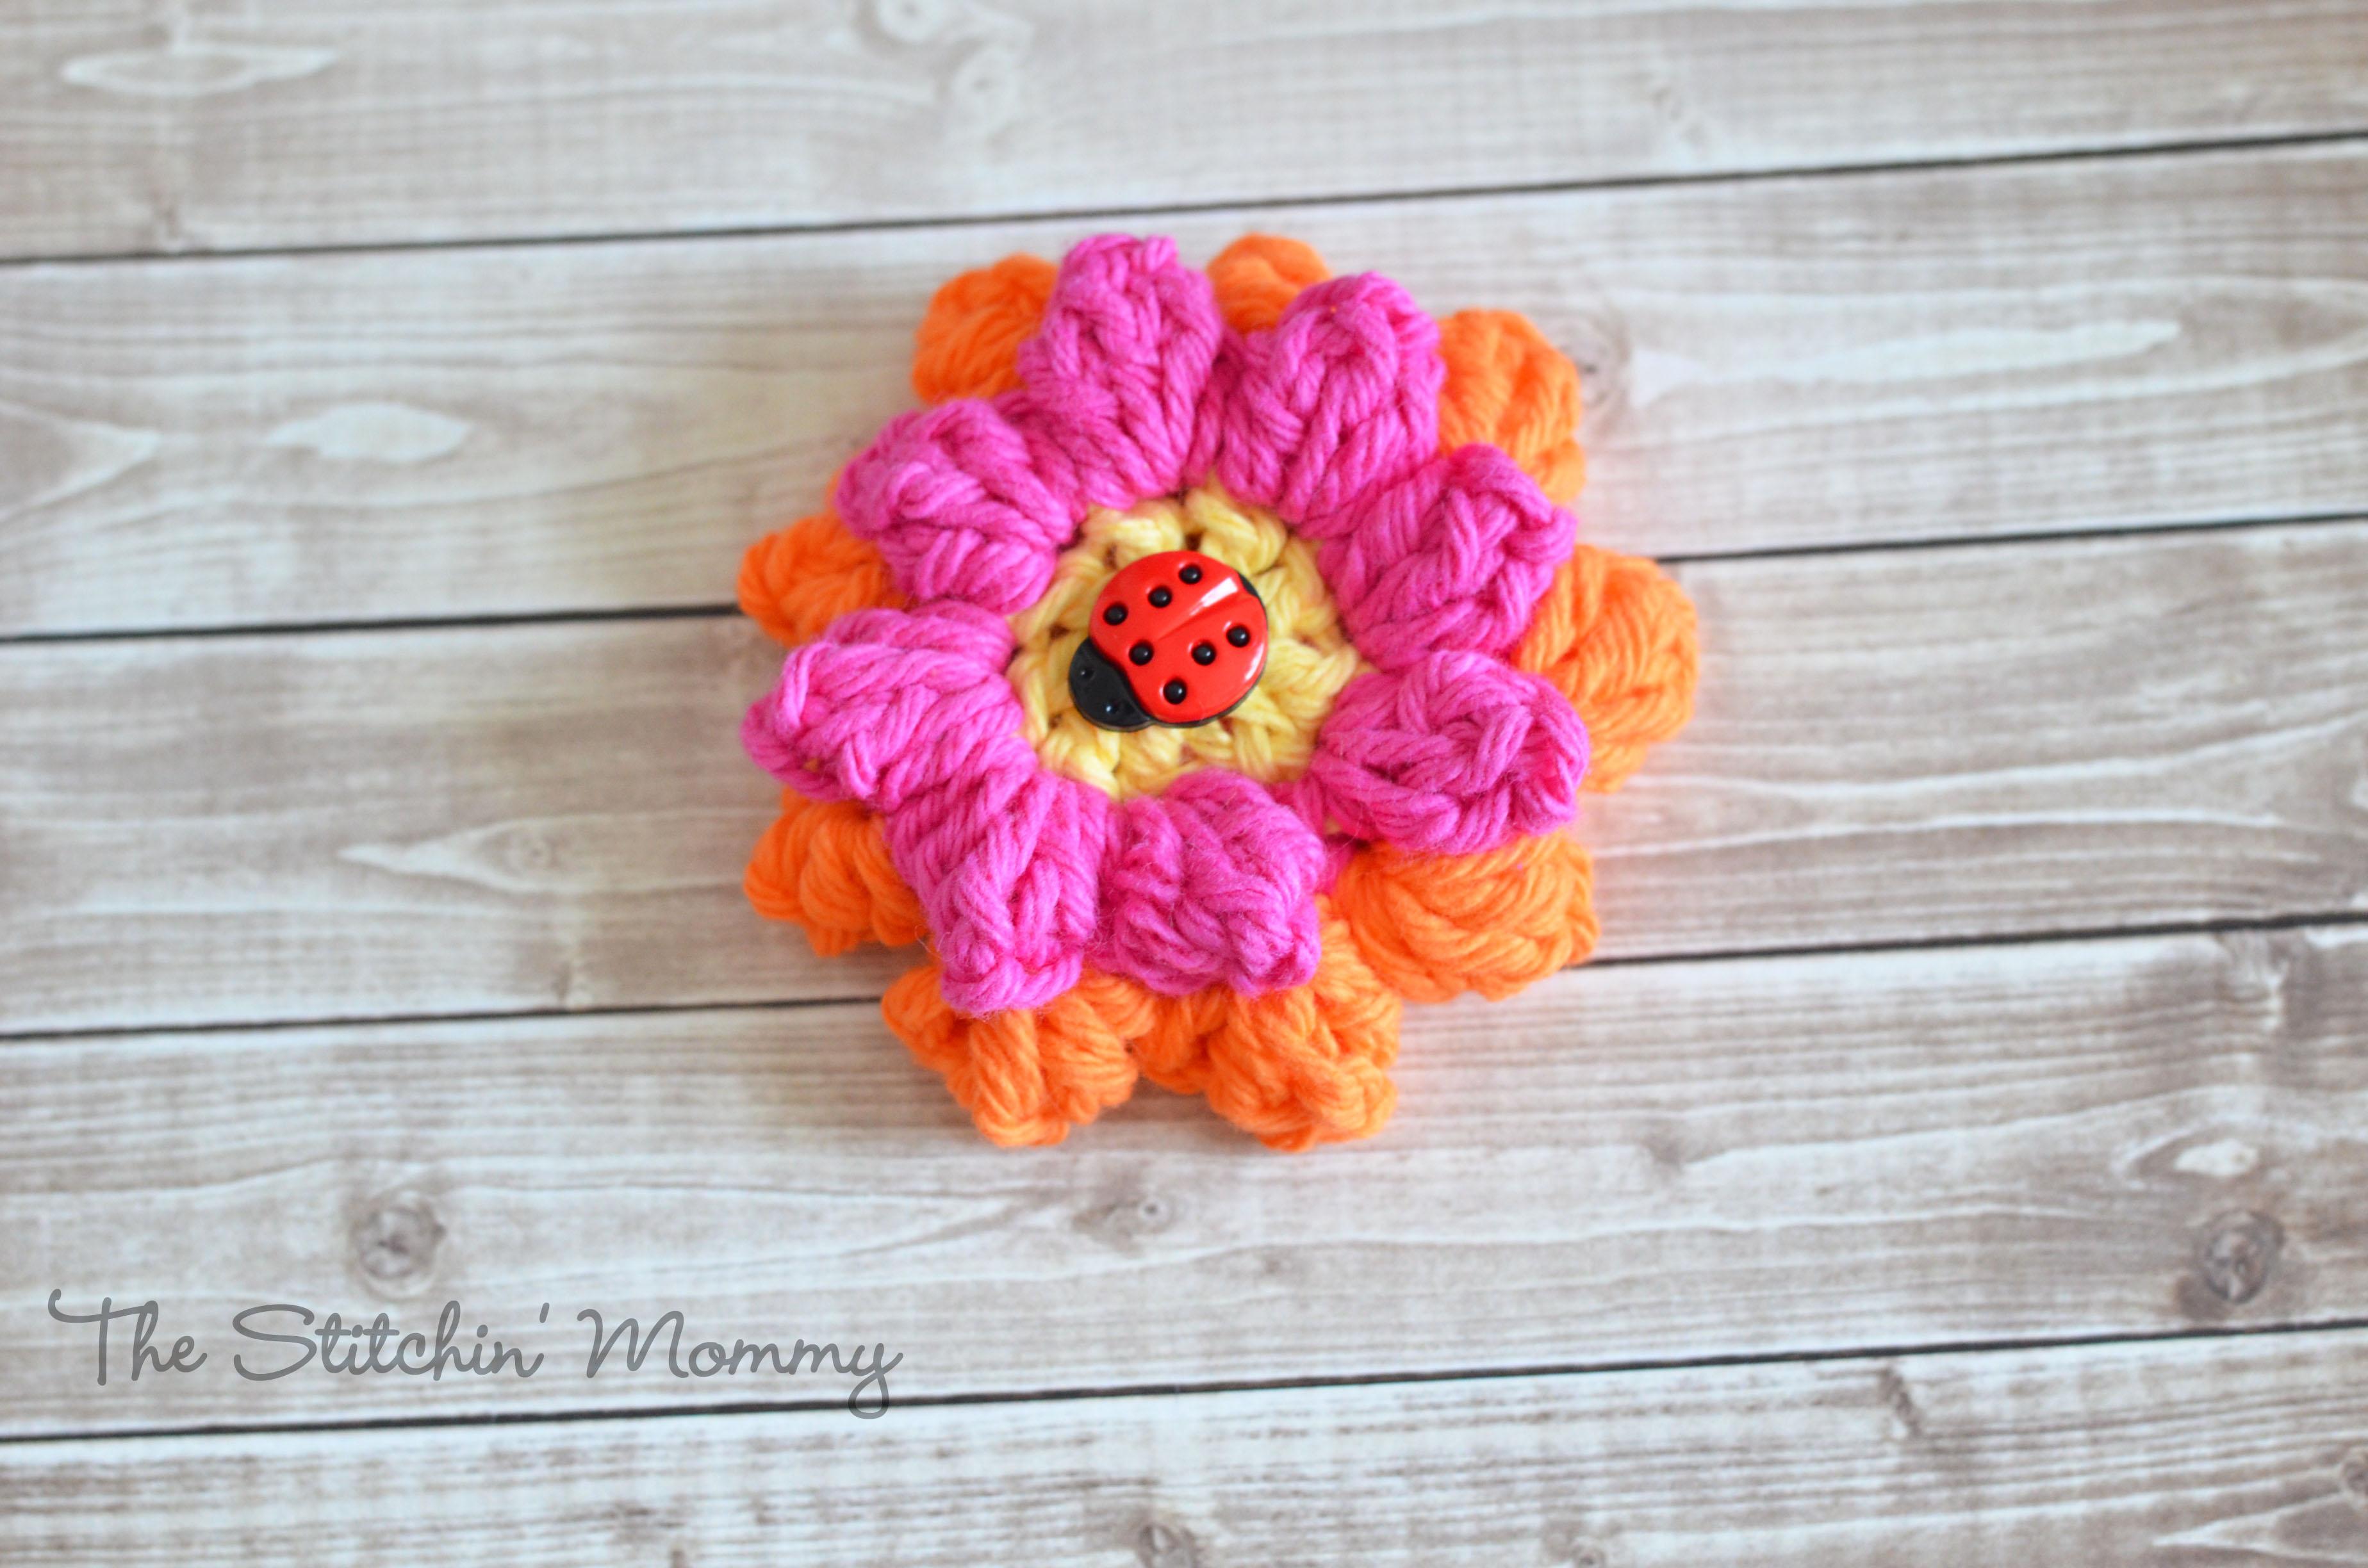 Crochet Popcorn Flower Free Pattern : Crochet Popcorn Flower - Free Pattern - The Stitchin Mommy